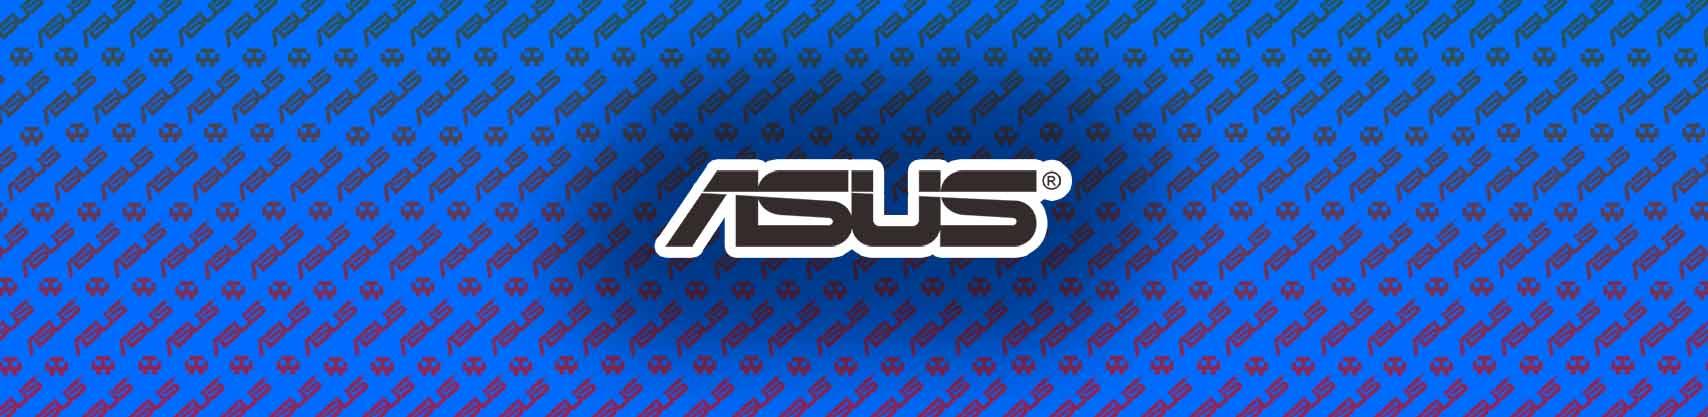 Asus RT-N53 Manual